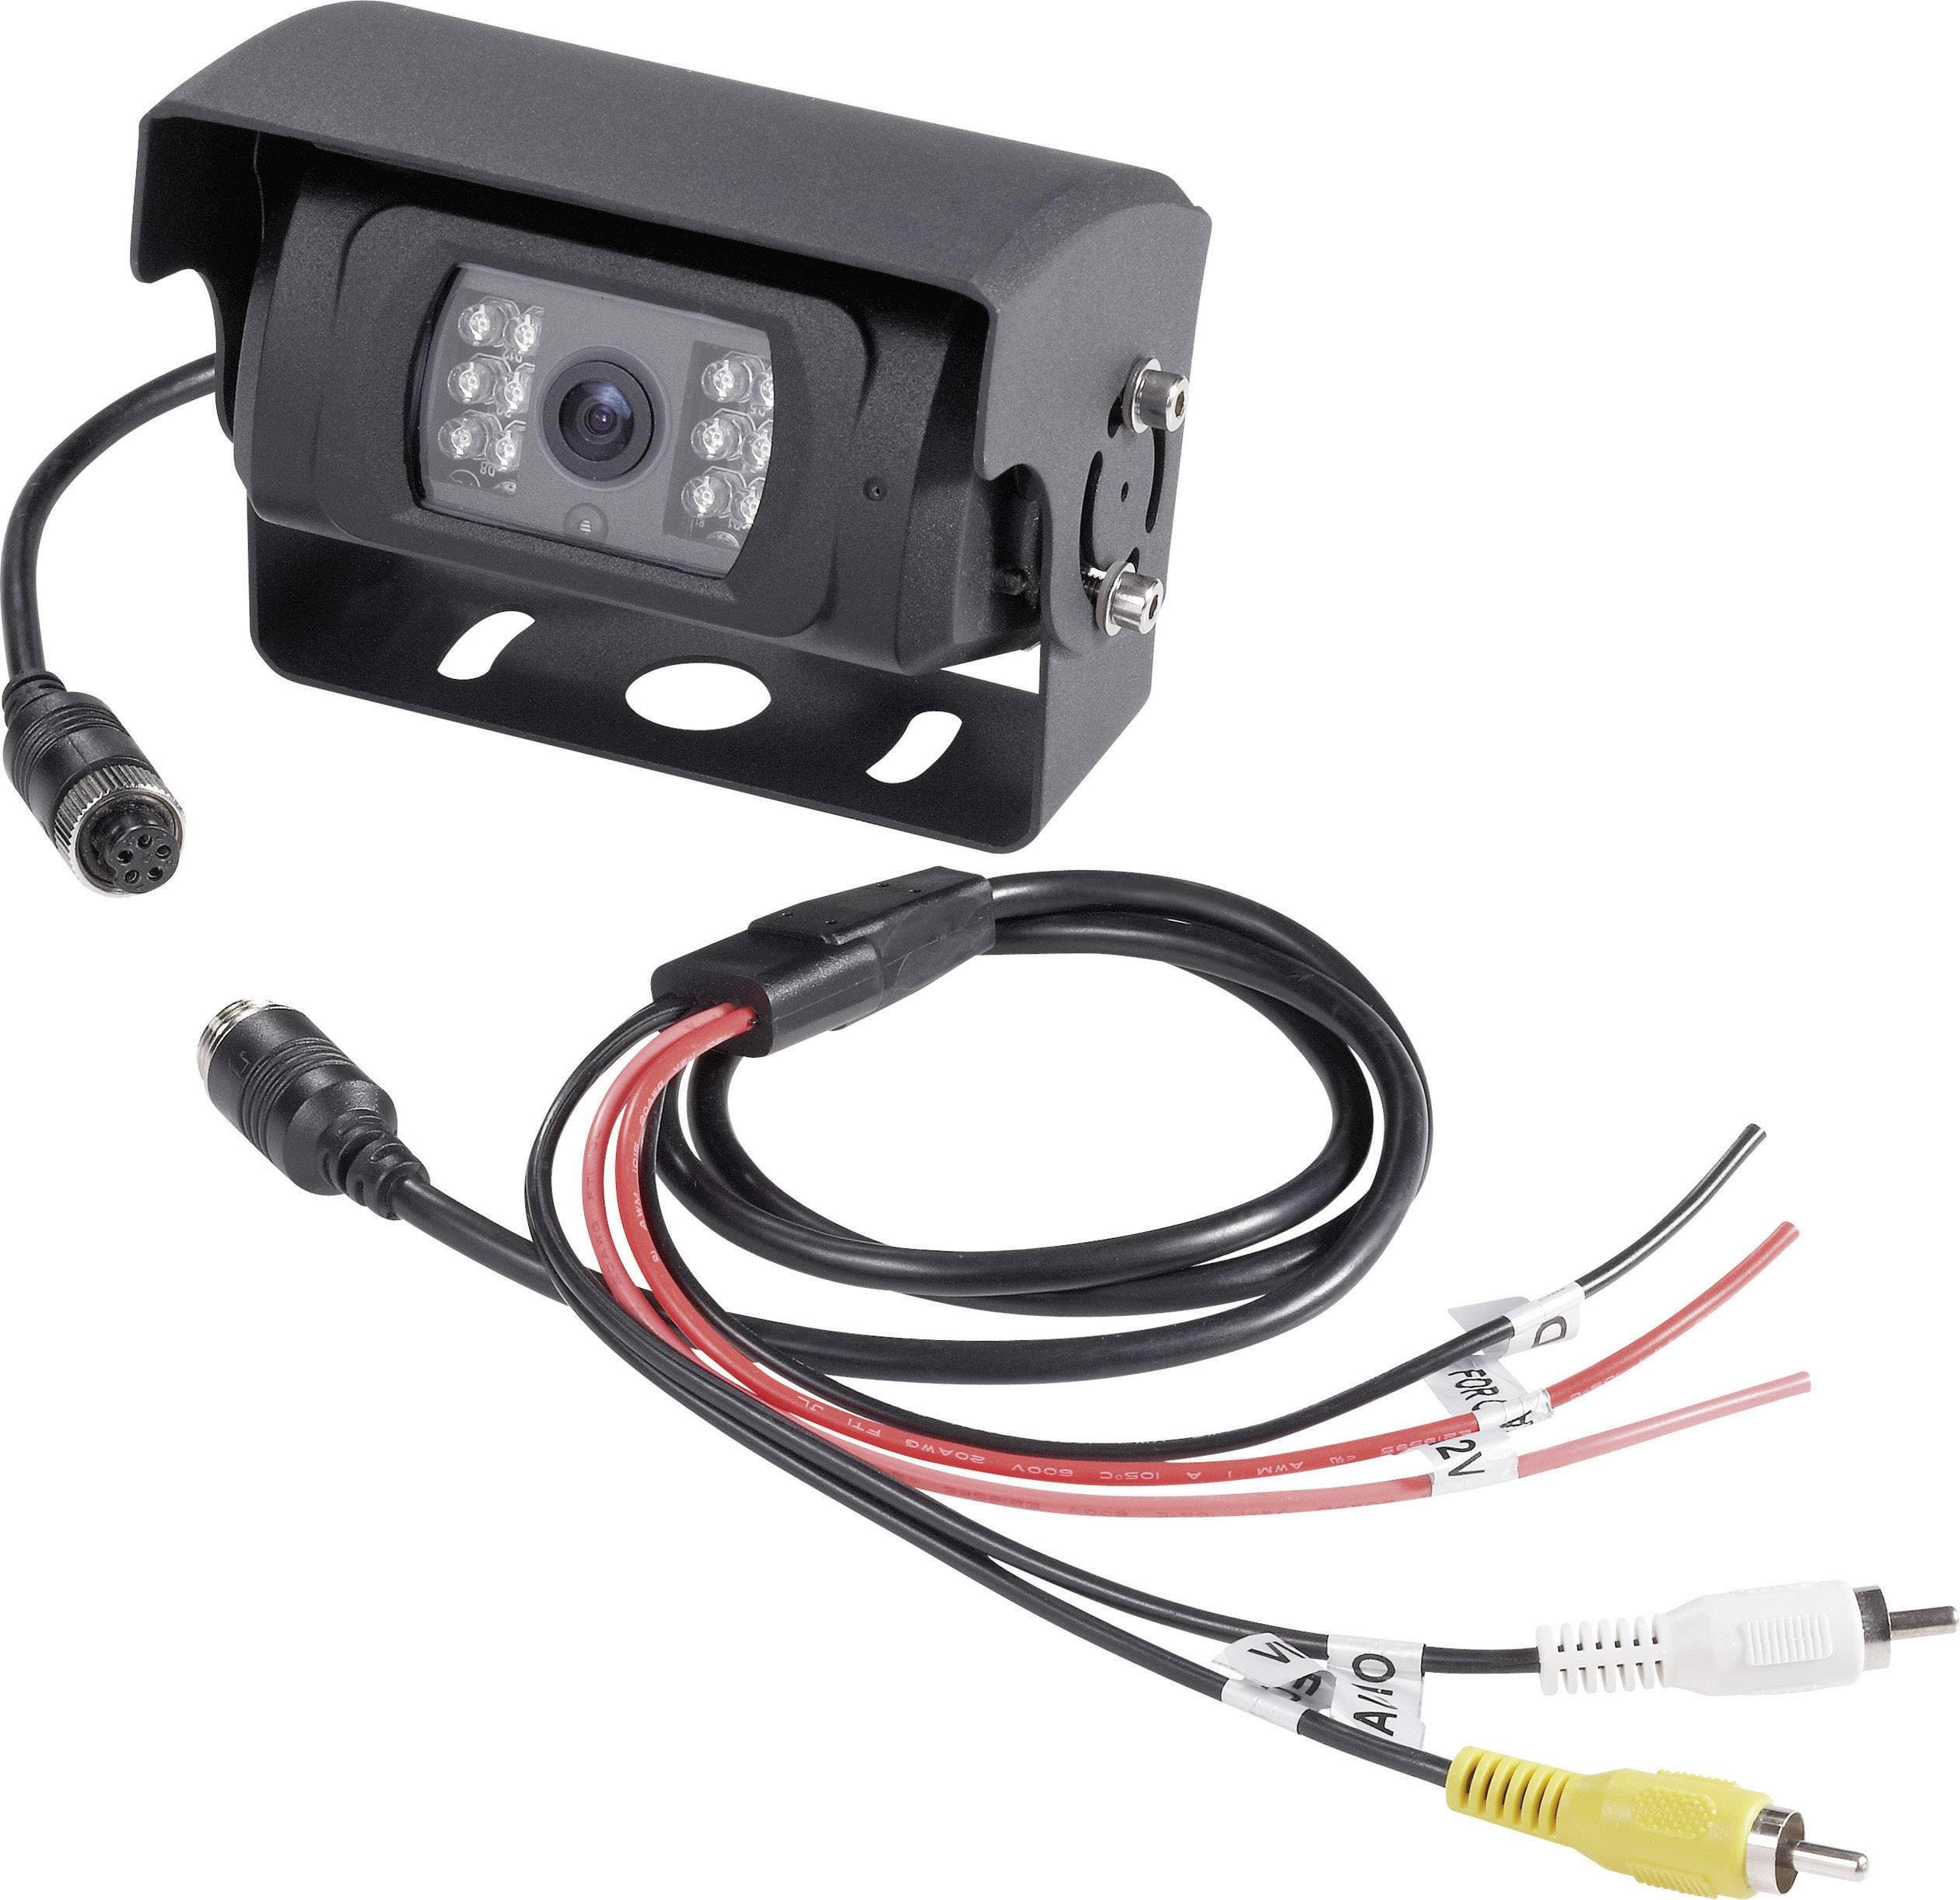 Couvací kamera s kabelem SV-CW144635MCAI 4